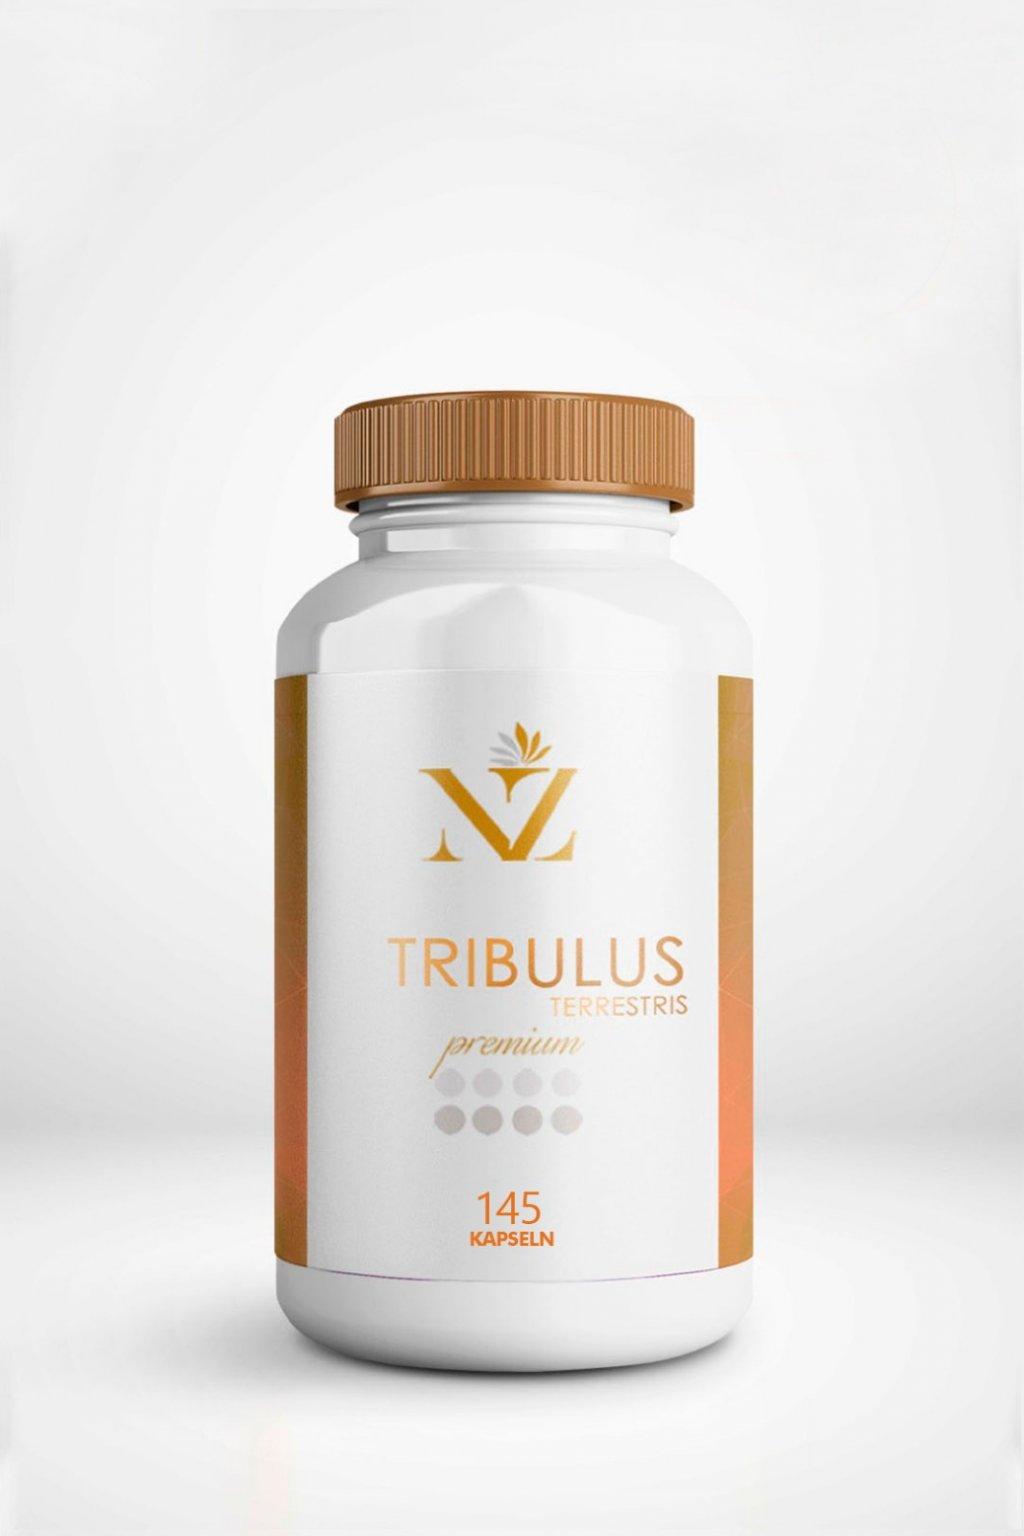 NZ Tribulus 1080x1620px